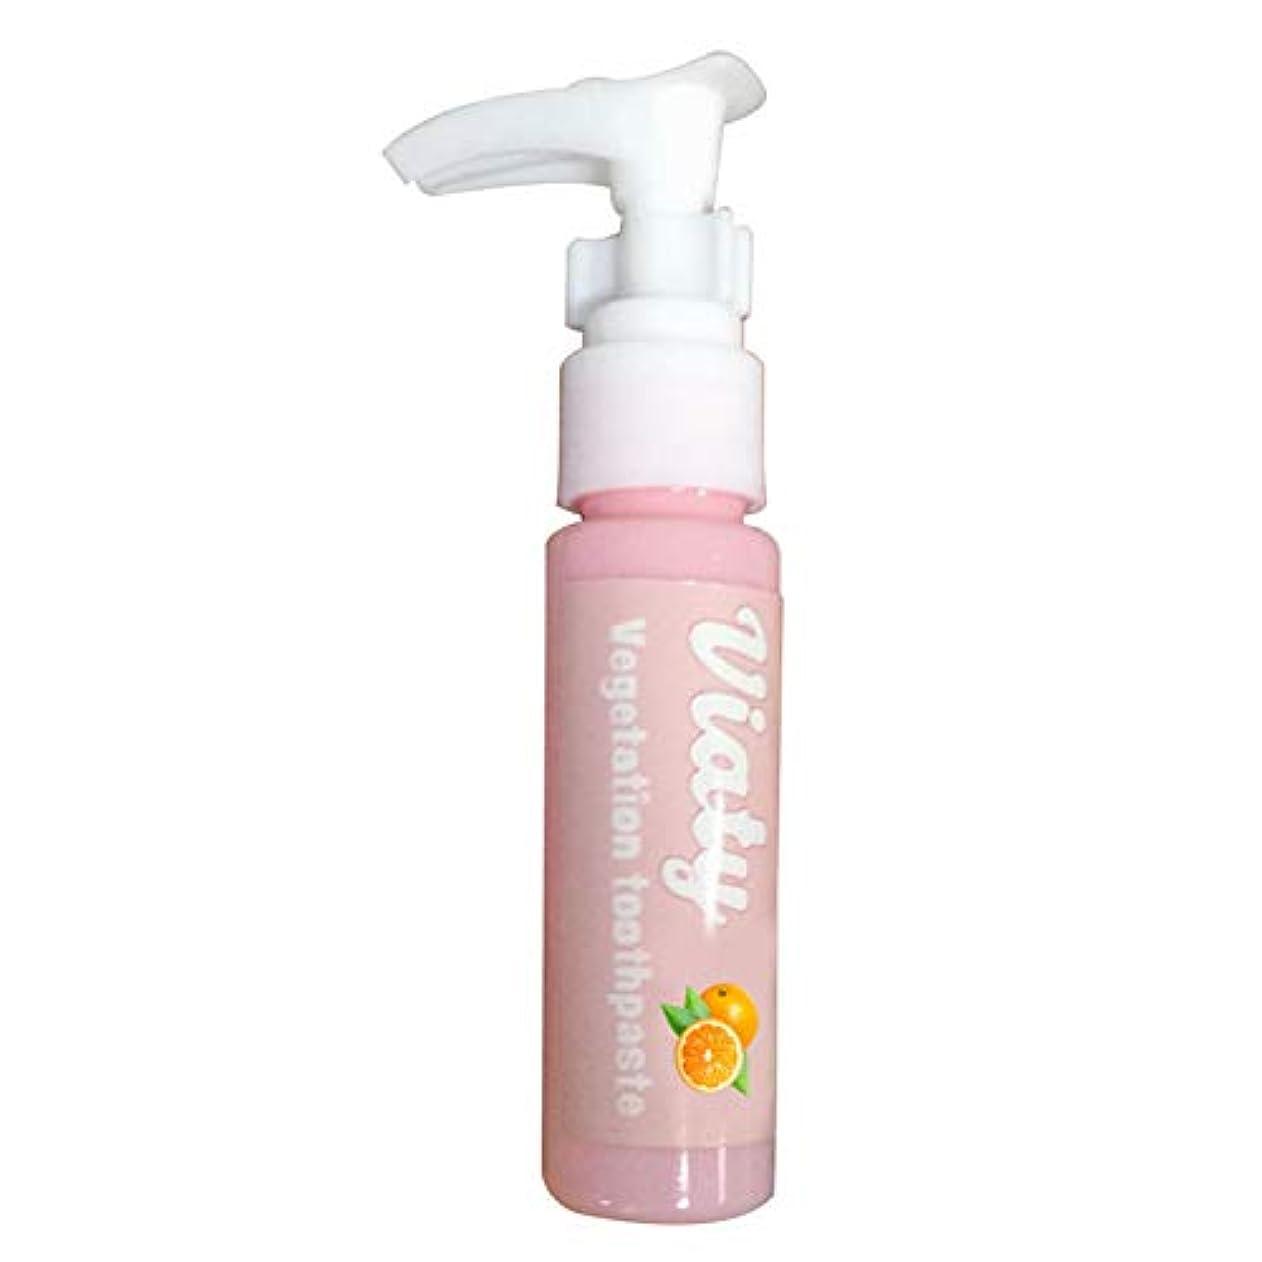 地区きらきら不健全Lambowo 歯磨き粉の抗の出血性のゴムを押す白くなる携帯用汚れの除去剤は新しい歯磨き粉をタイプします